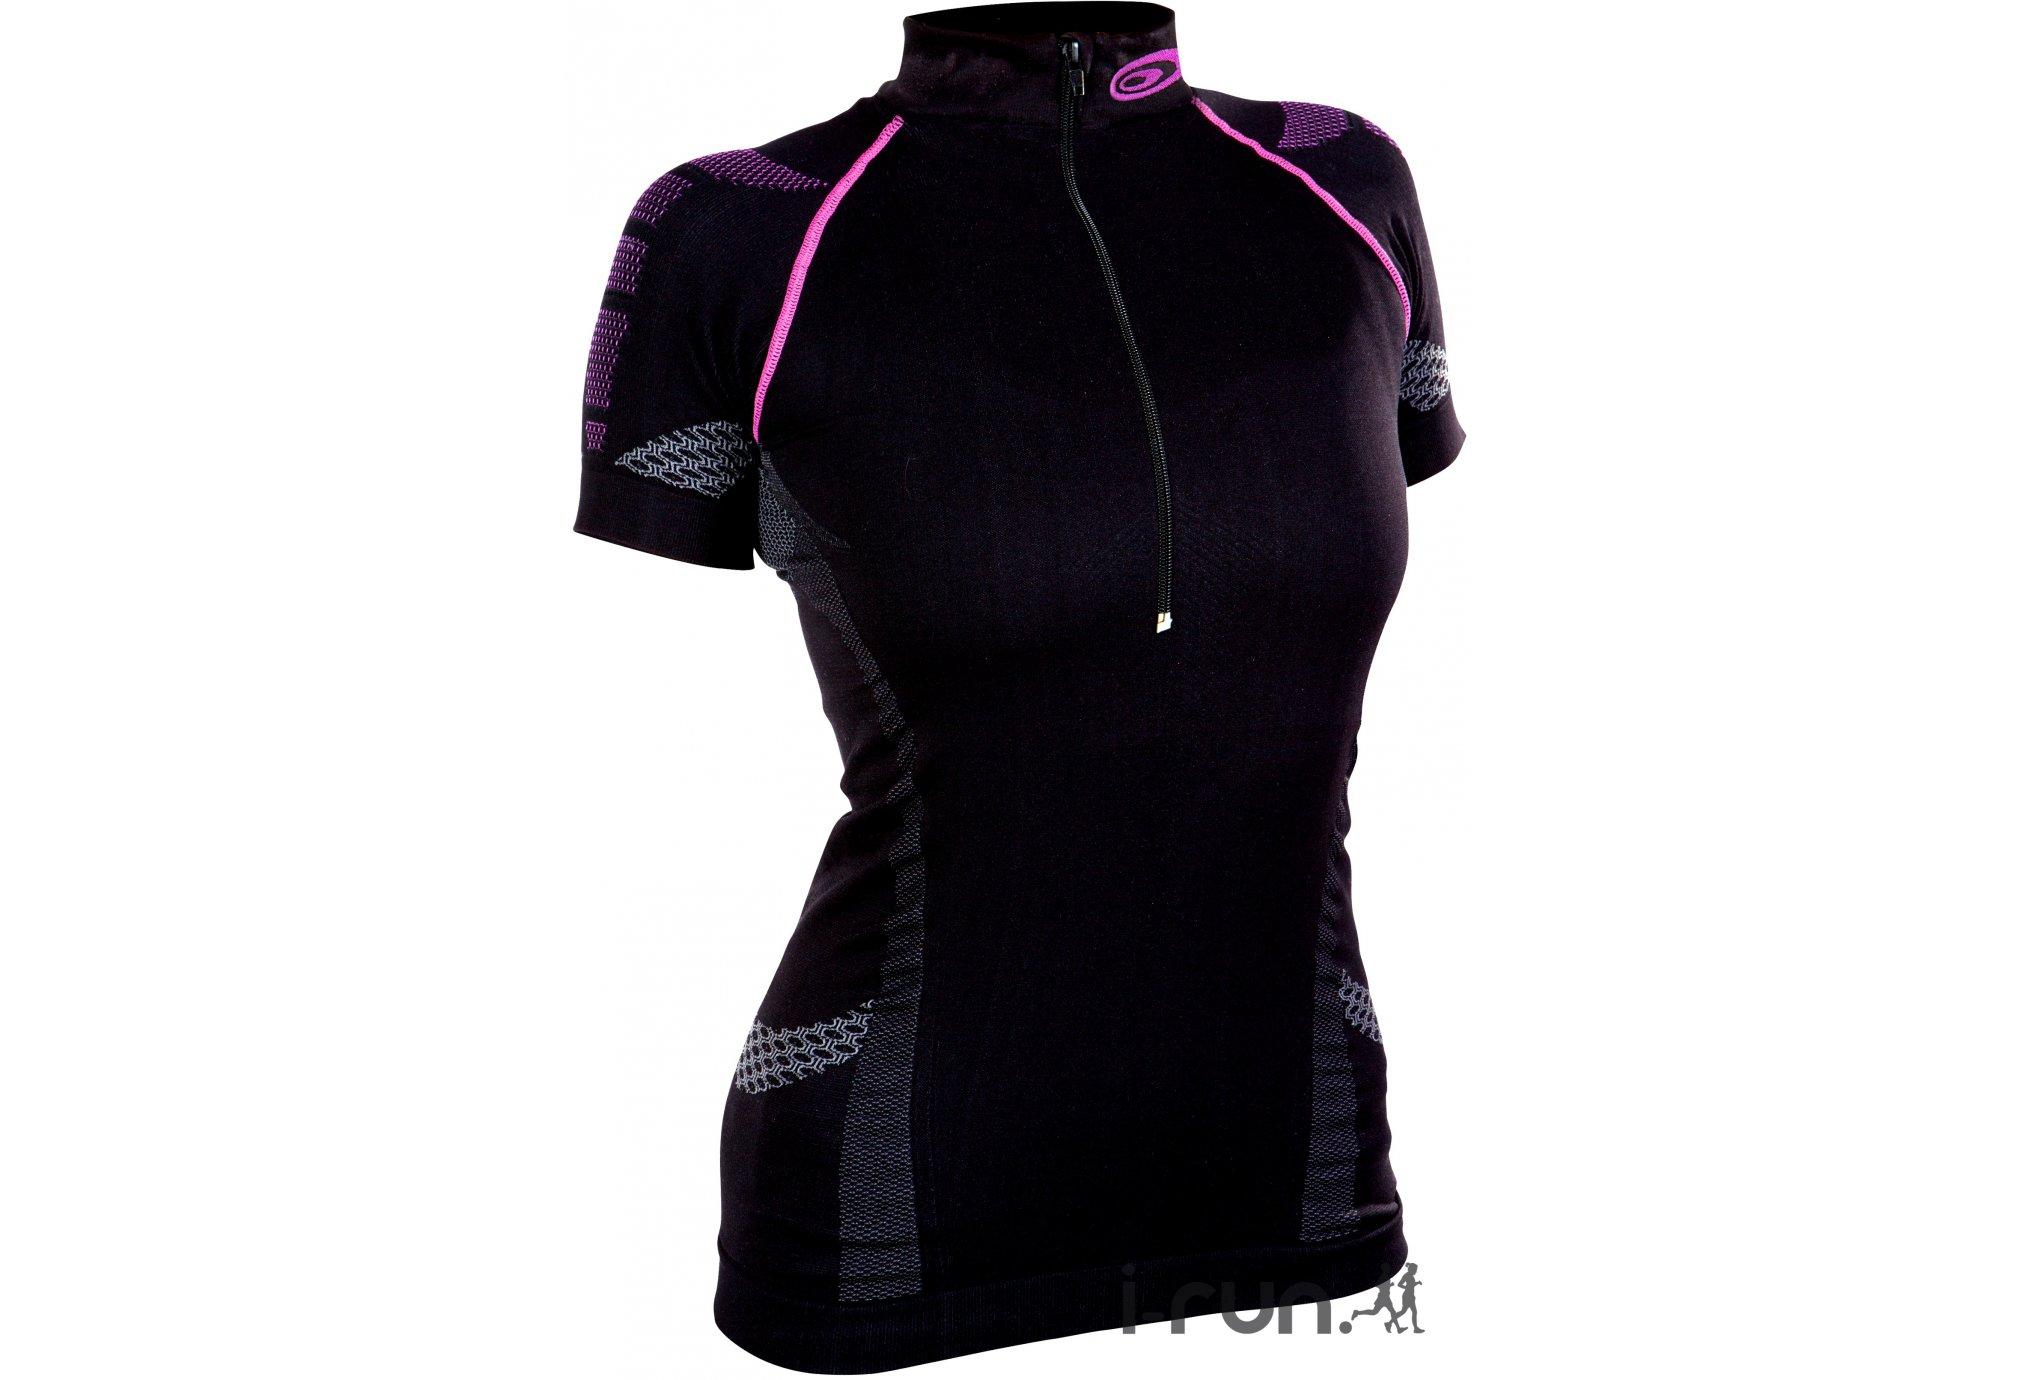 BV Sport Tee-shirt Nature3R 1/2 zip W vêtement running femme